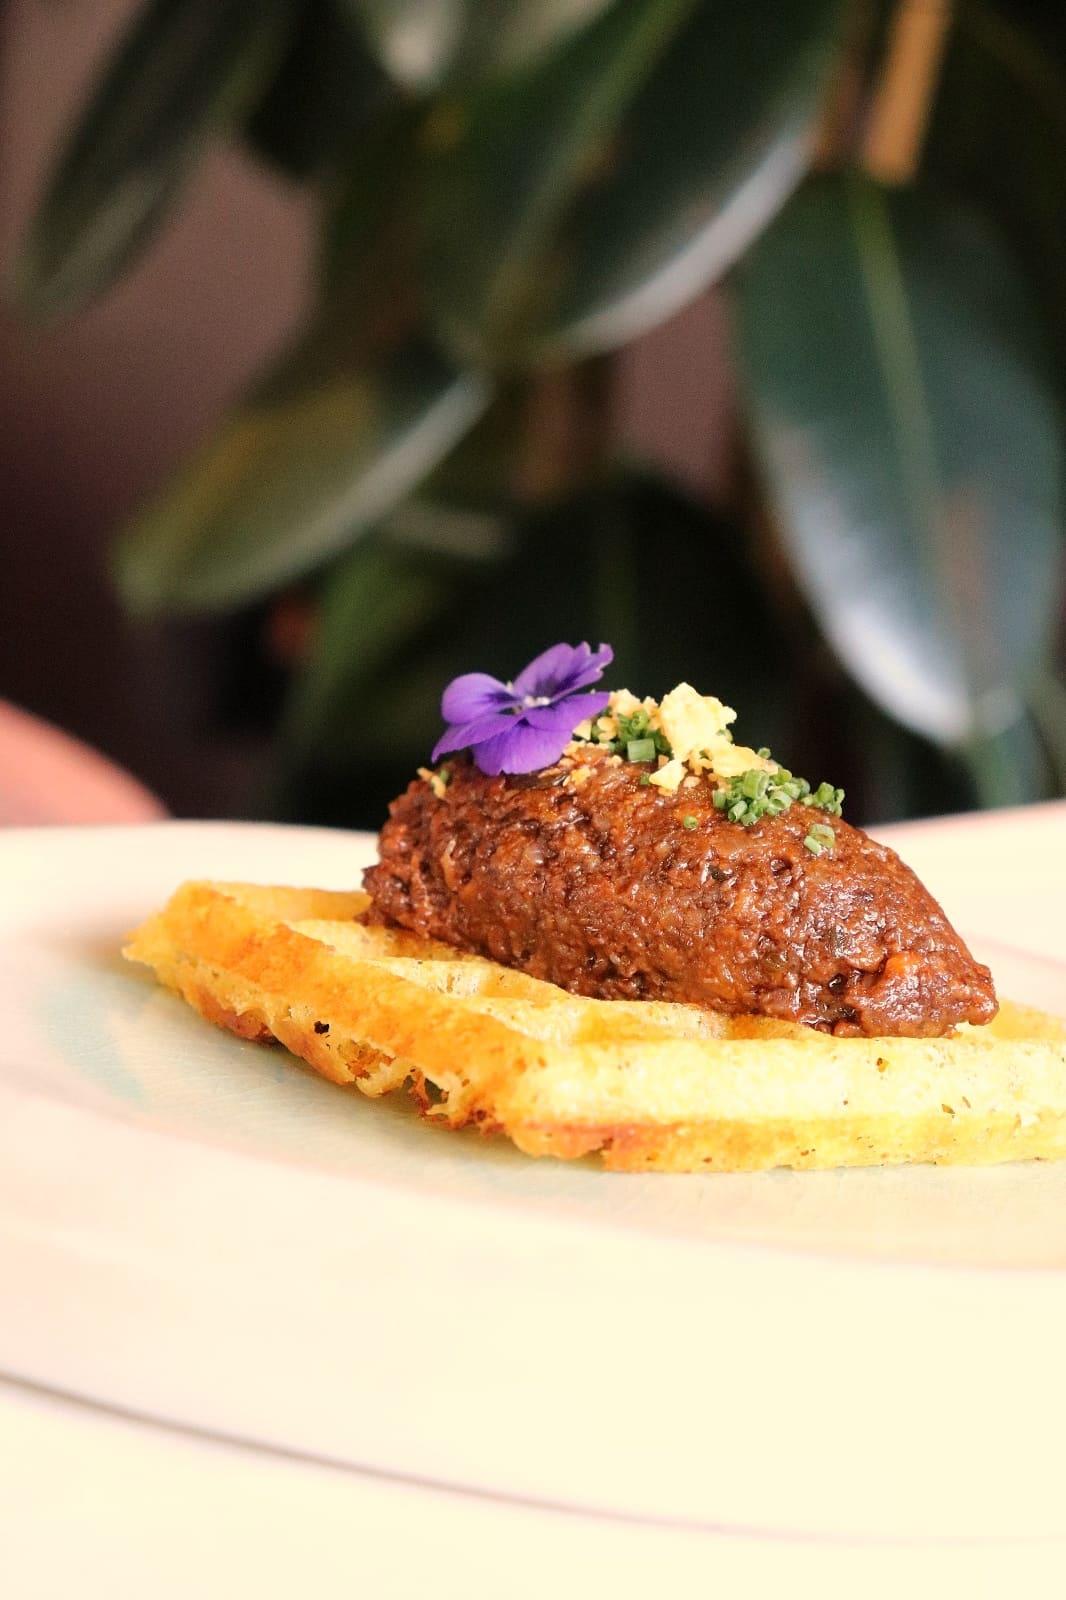 Gofre de patata con picadillo de buey Rocacho restaurante